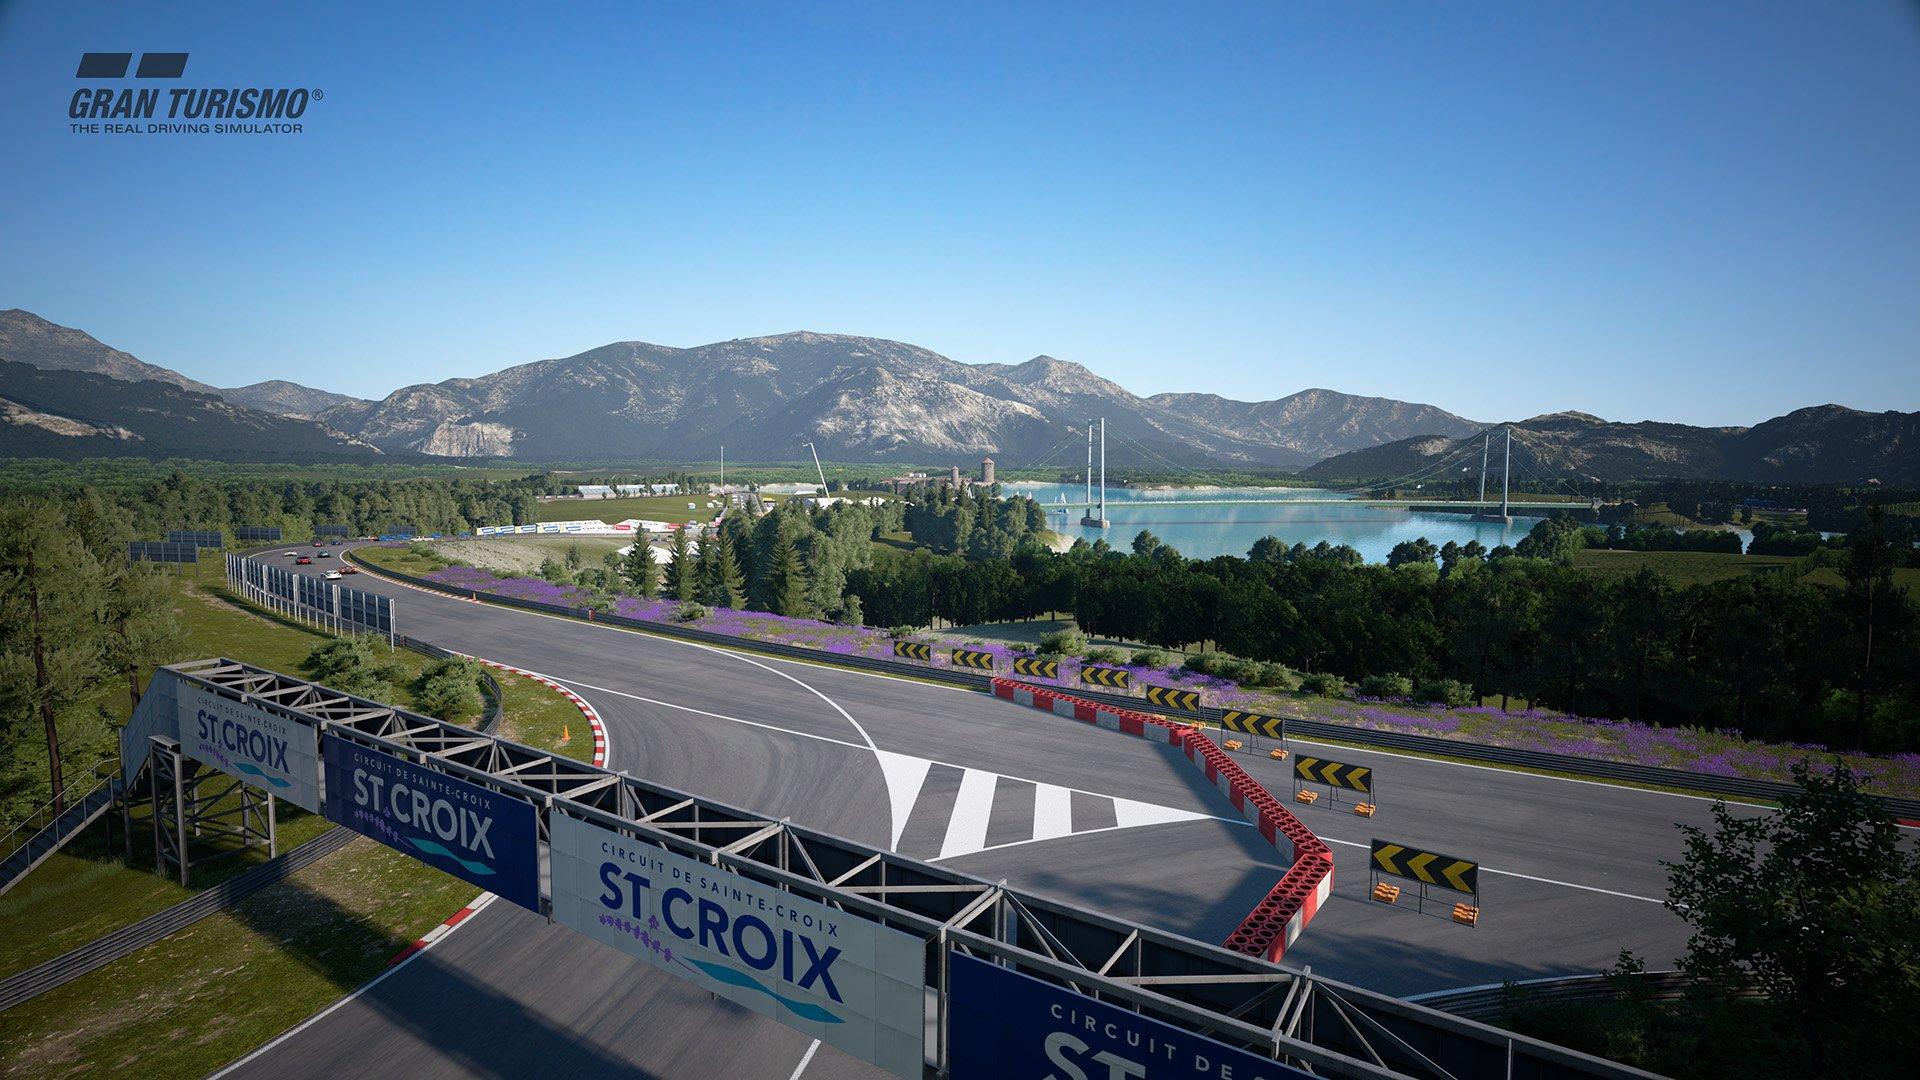 Gran Turismo Sport July update 'Circuit de Sainte-Croix' (A:B:C) 1